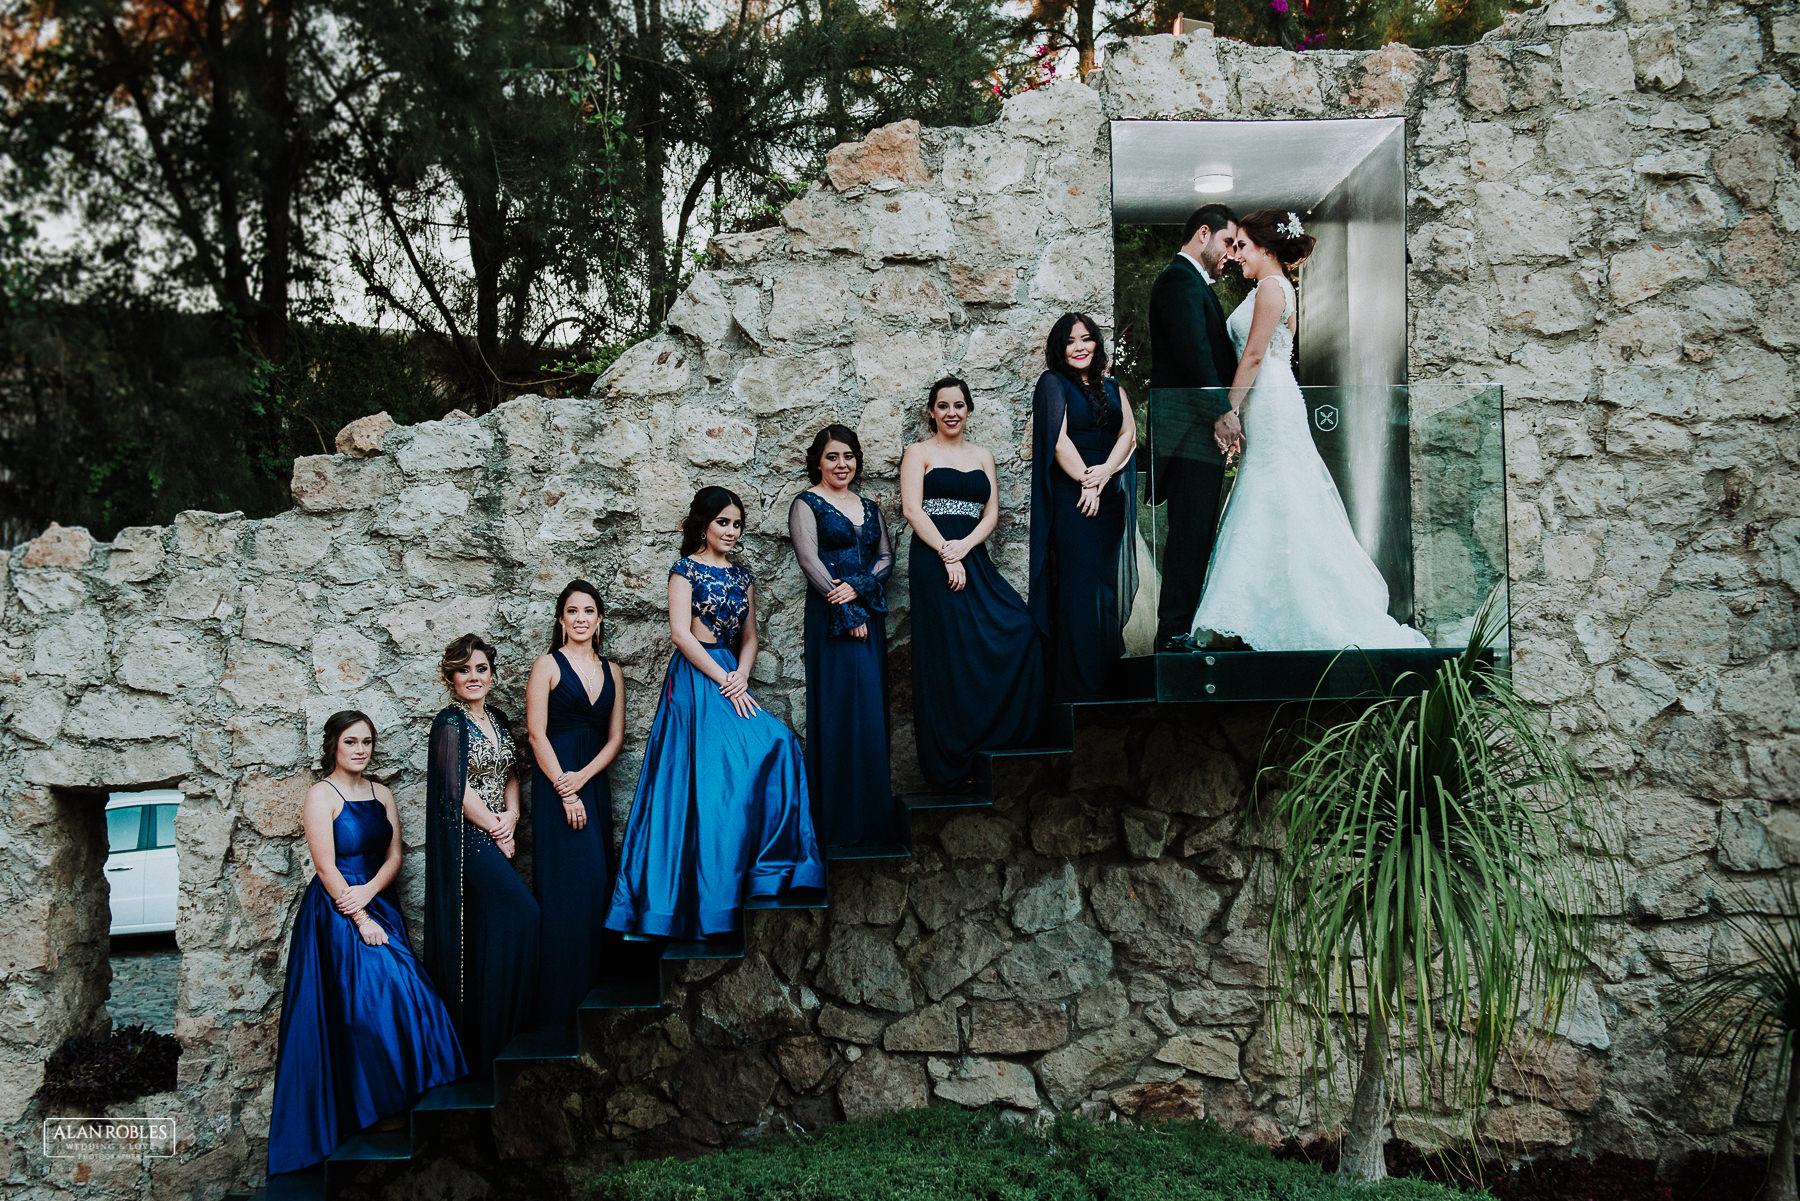 Fotografo de bodas Alan Robles-Casa Clementina Guadalajara DyA-39